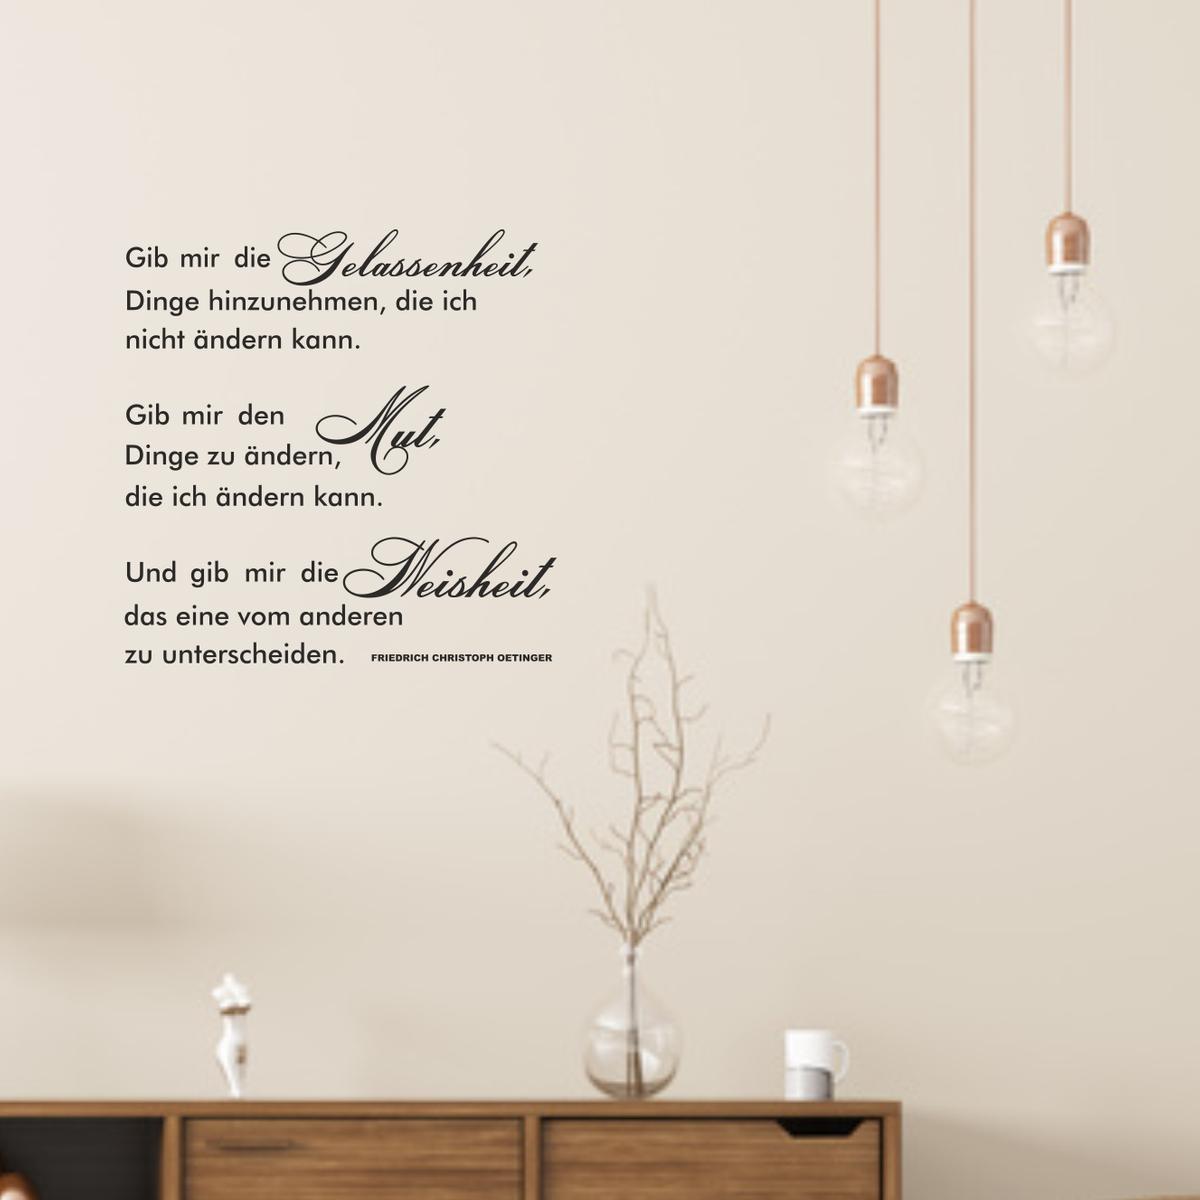 Sympathisch Wandtattoo Zitate Galerie Von Spruch Zitat Gelassenheit